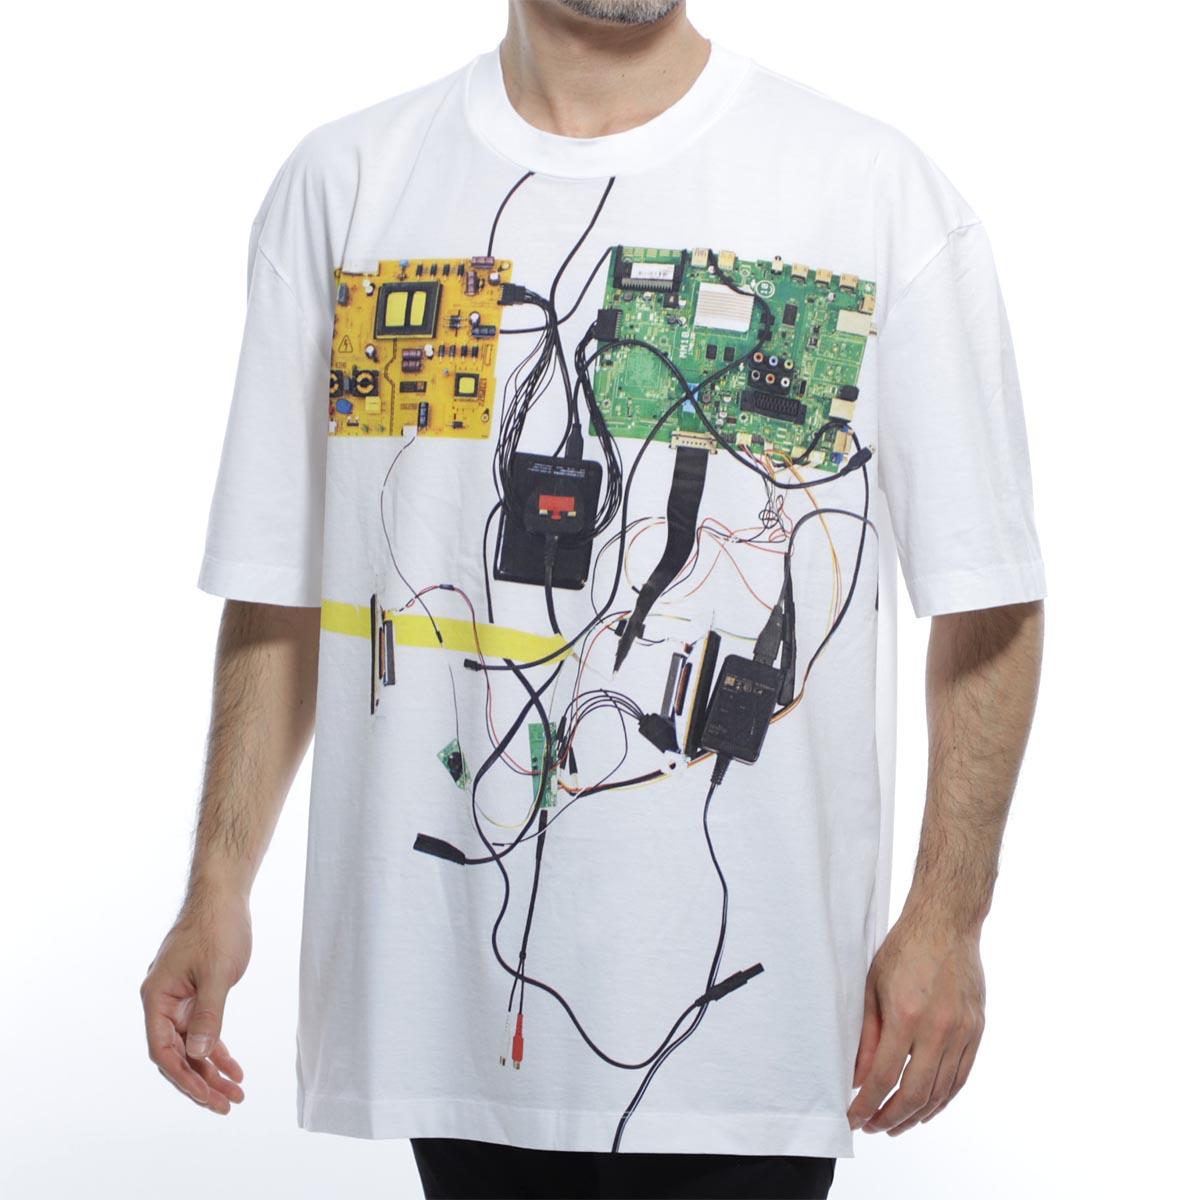 メゾンマルジェラ Maison Margiela クルーネックTシャツ ホワイト メンズ 半袖 s50gc0612 s22816 100 10 男性のためのコレクション【あす楽対応_関東】【返品送料無料】【ラッピング無料】